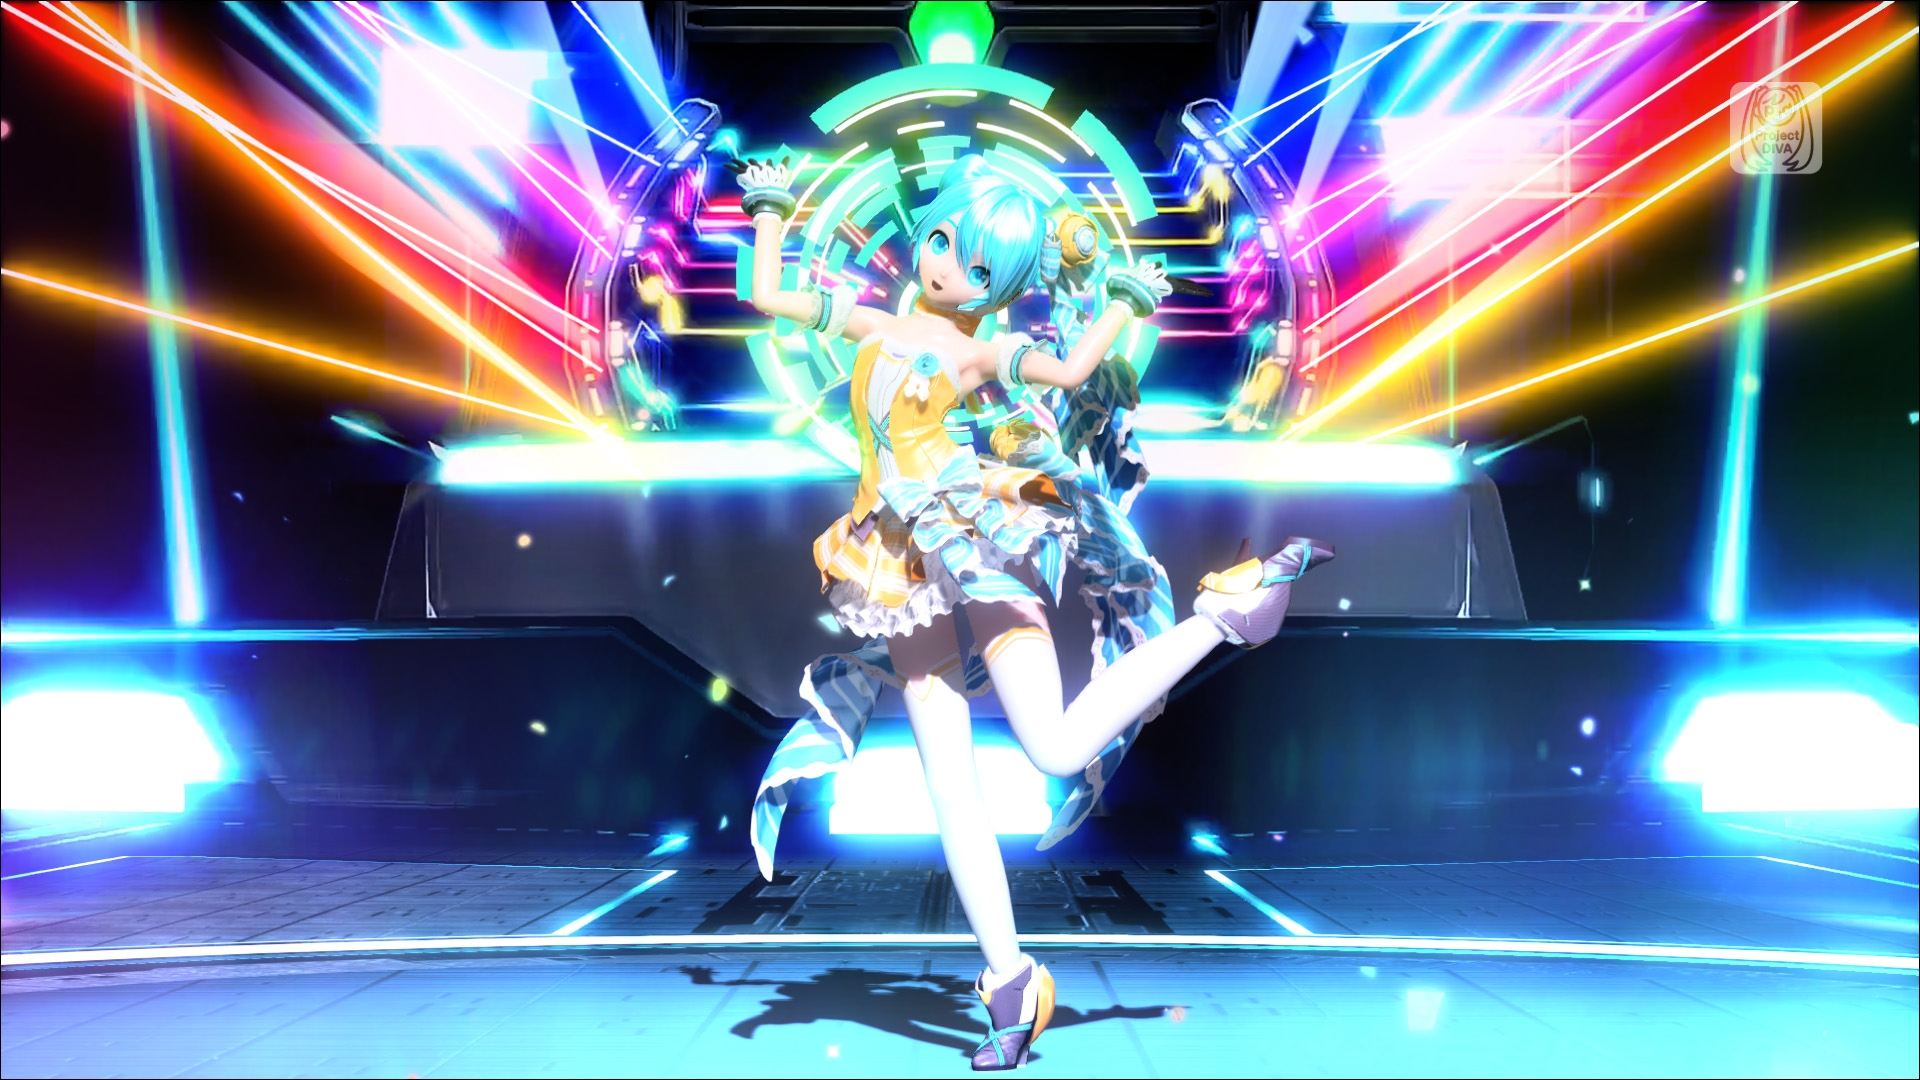 Hatsune miku project diva future tone review in tune - Hatsune miku project diva future ...